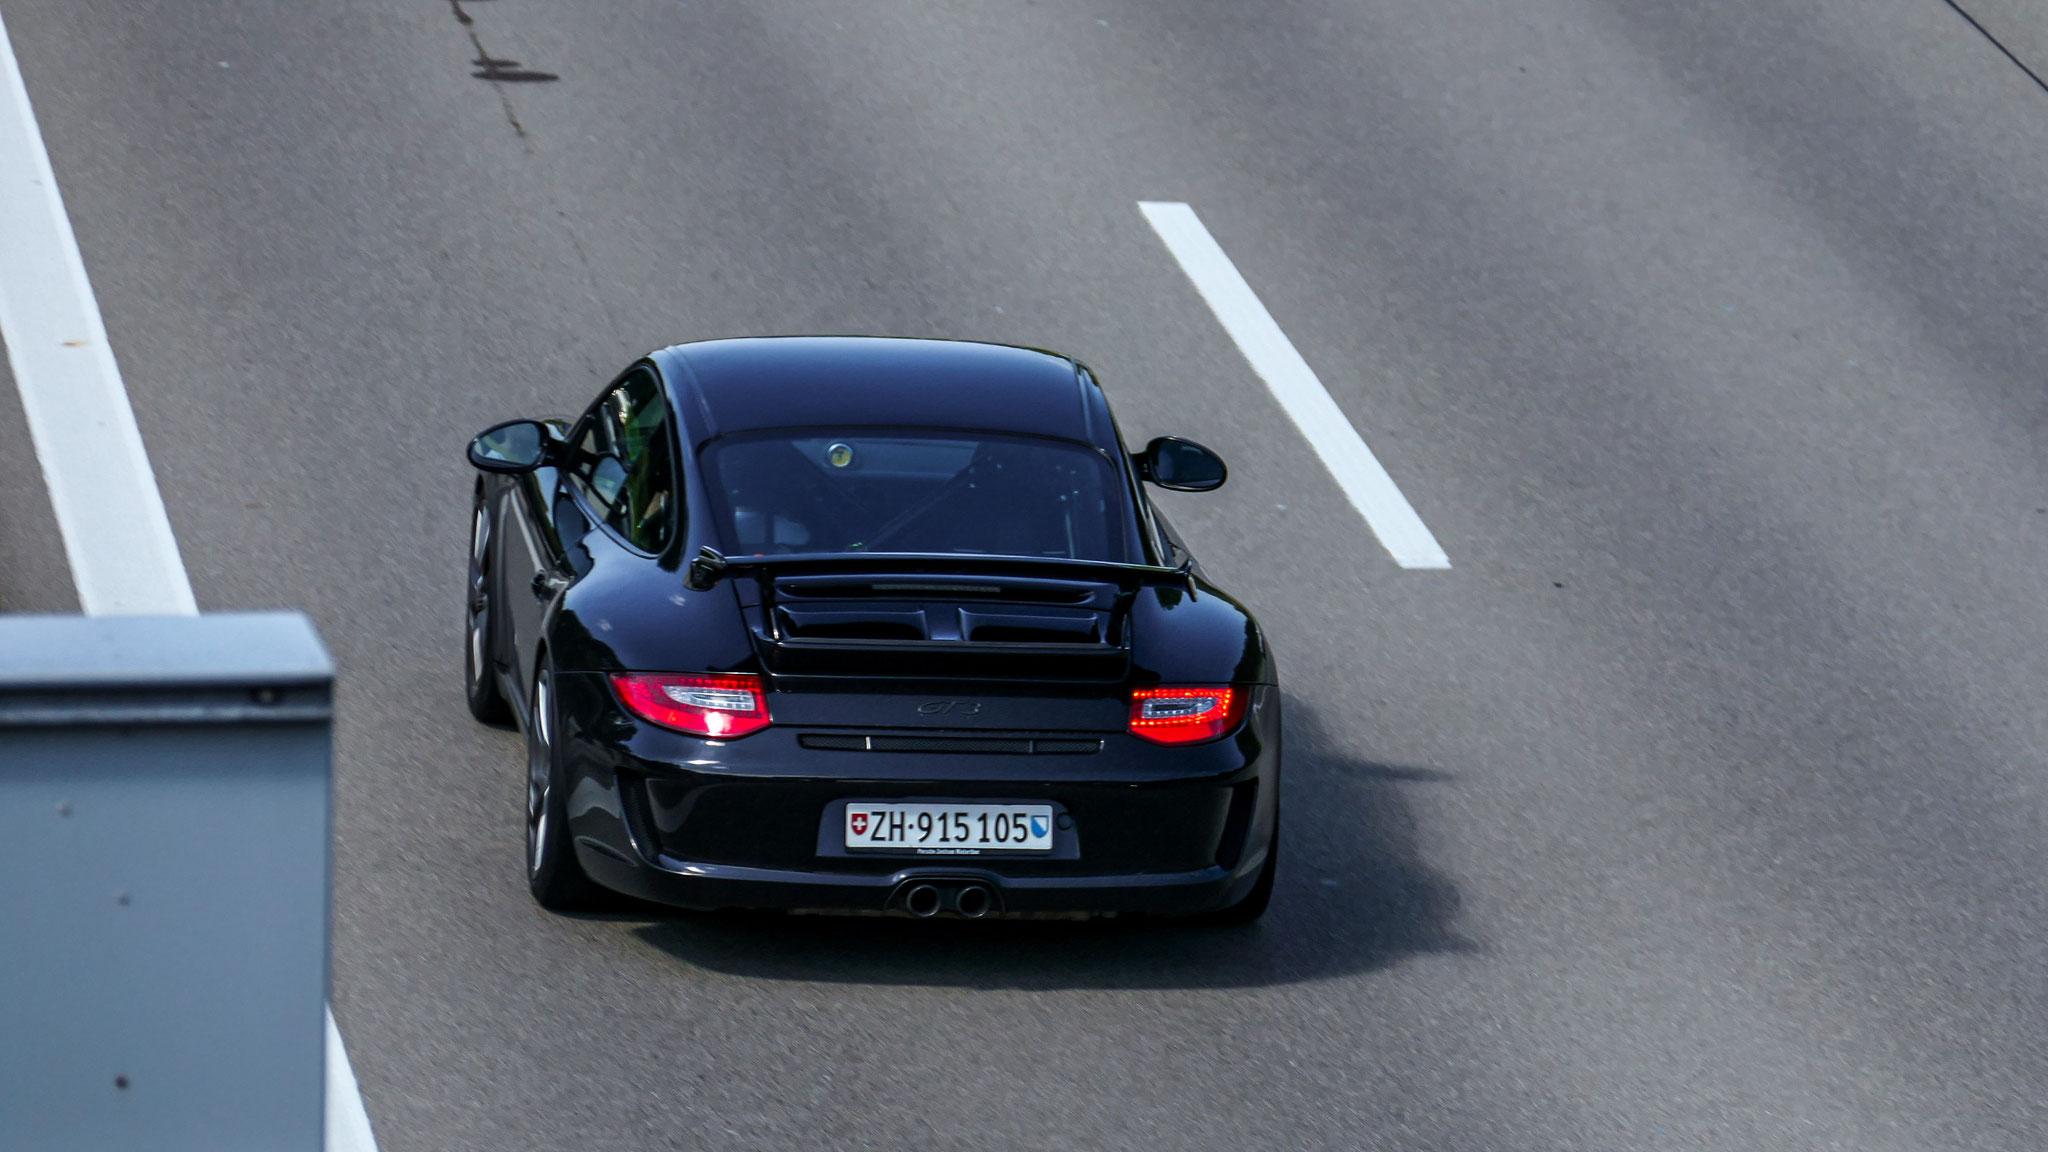 Porsche GT3 997 - ZH-915105 (CH)